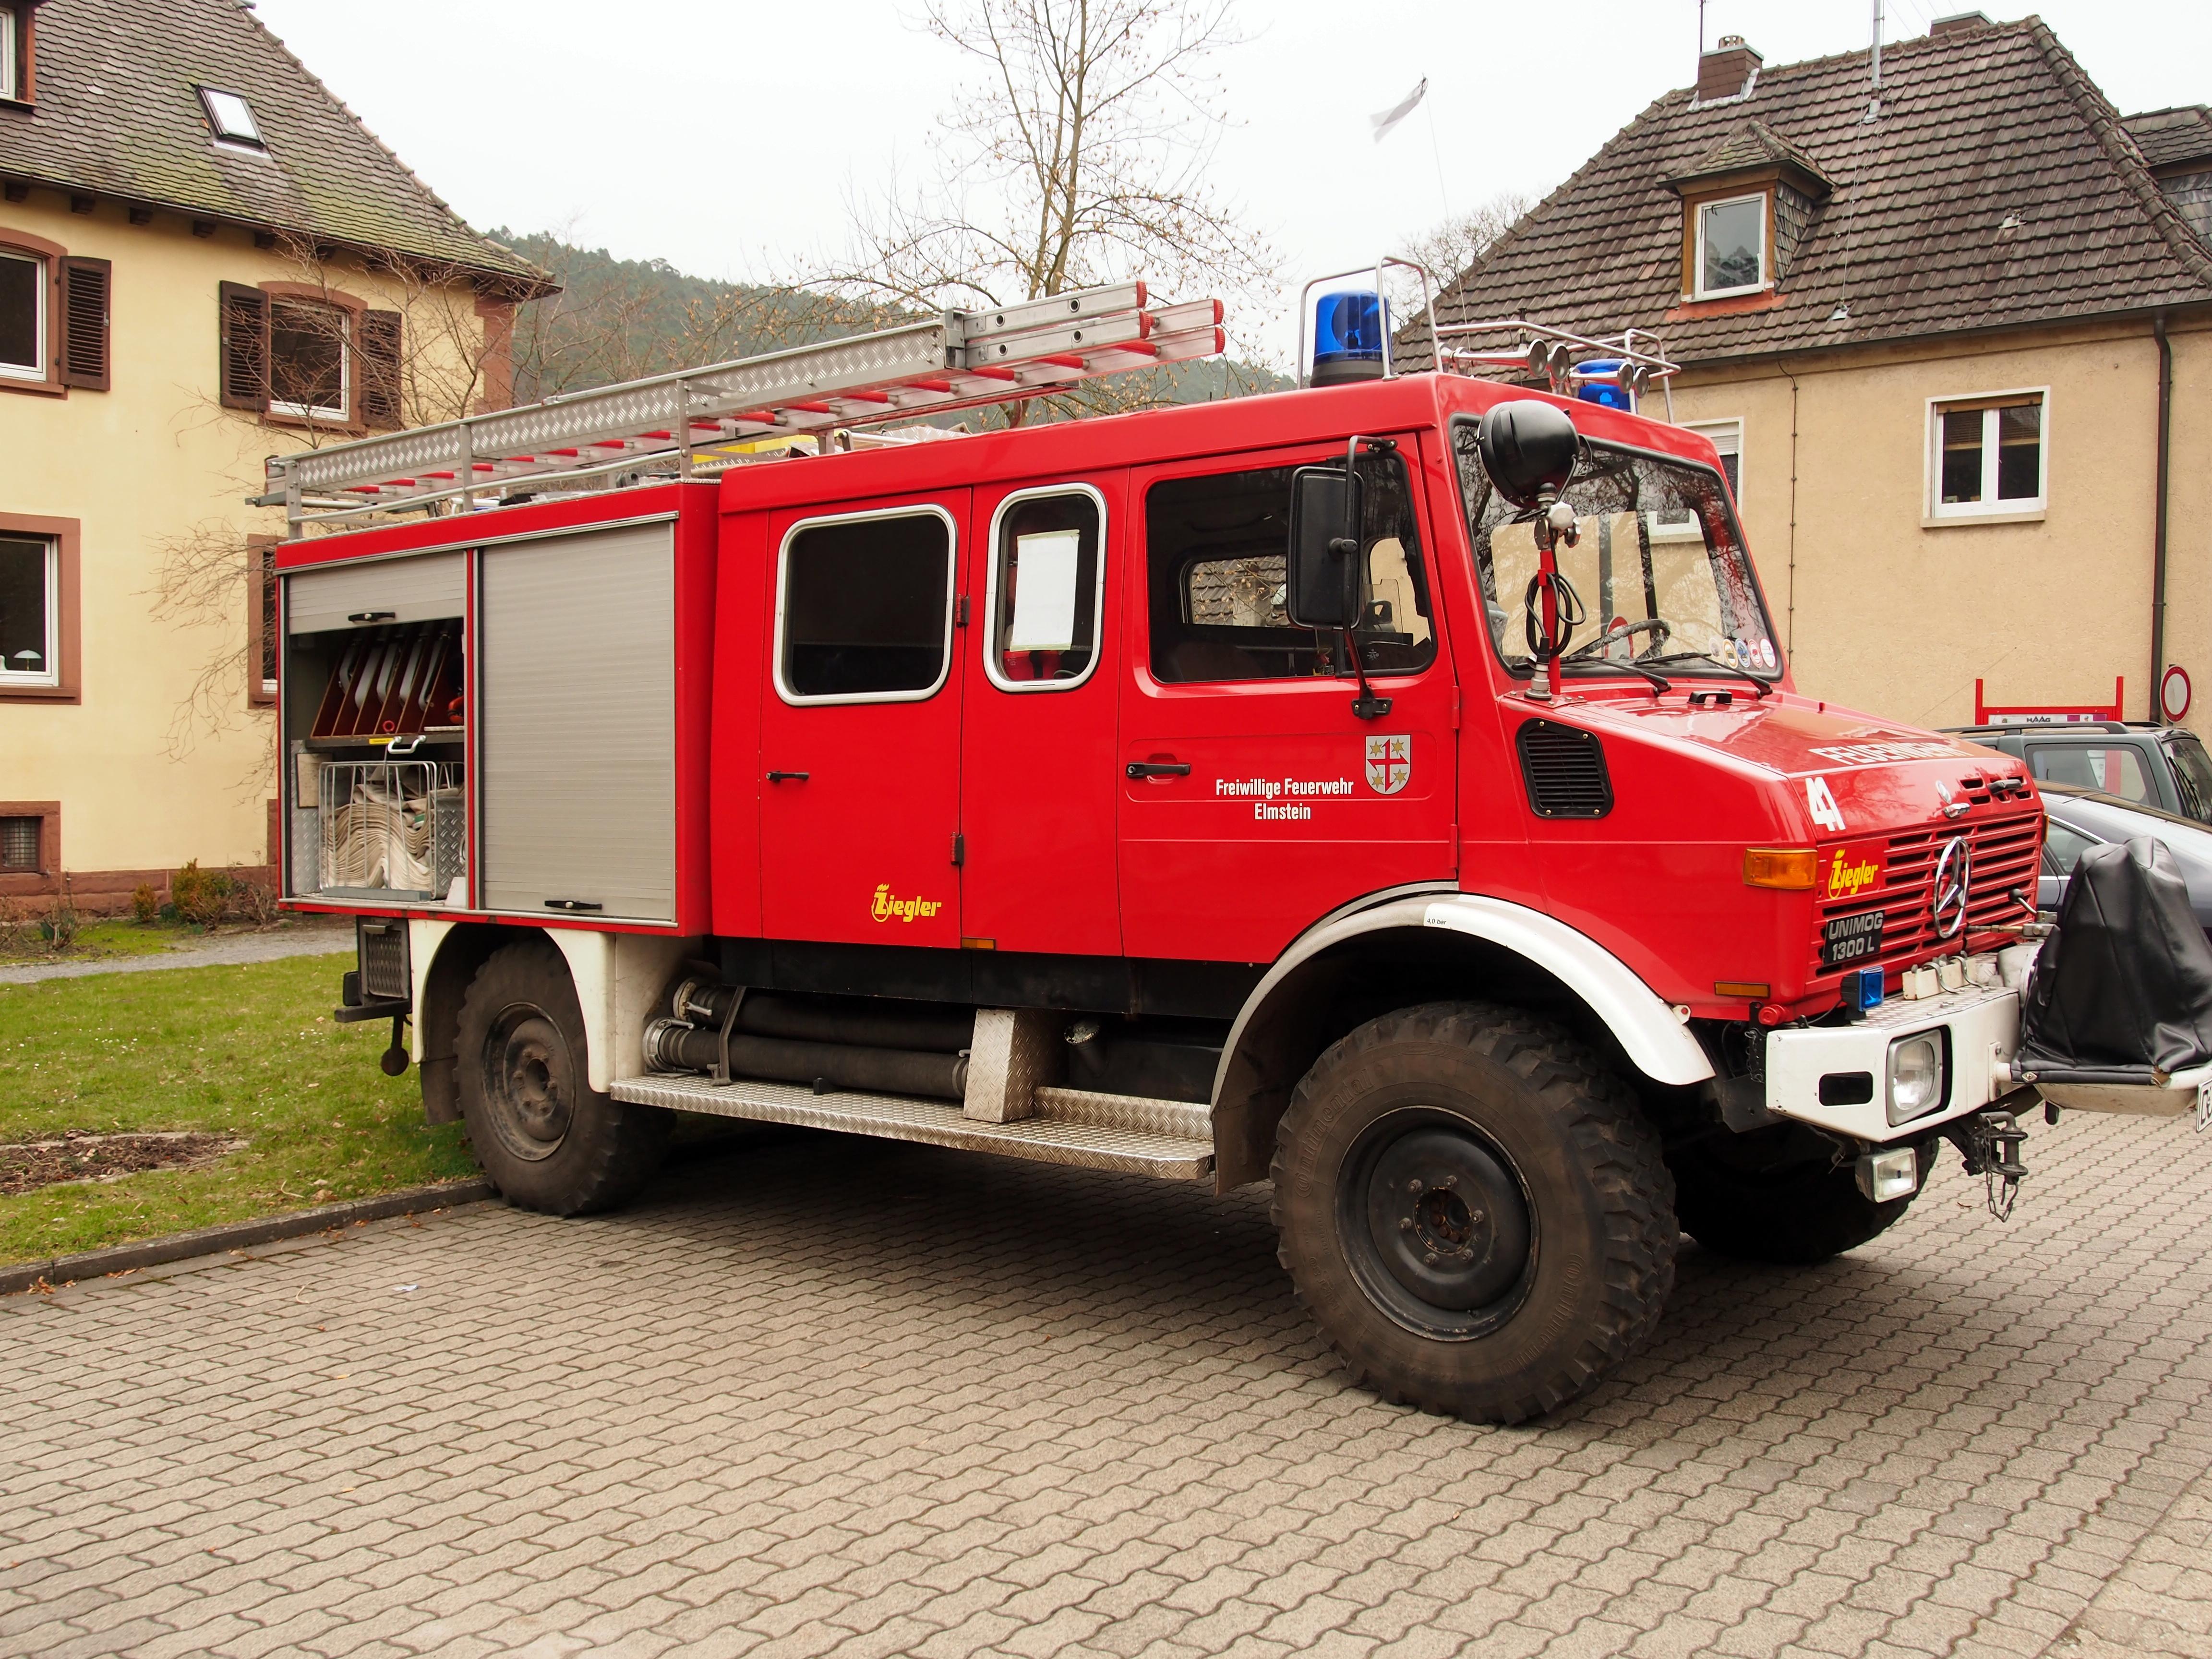 Feuerwehr-Dating-Sites